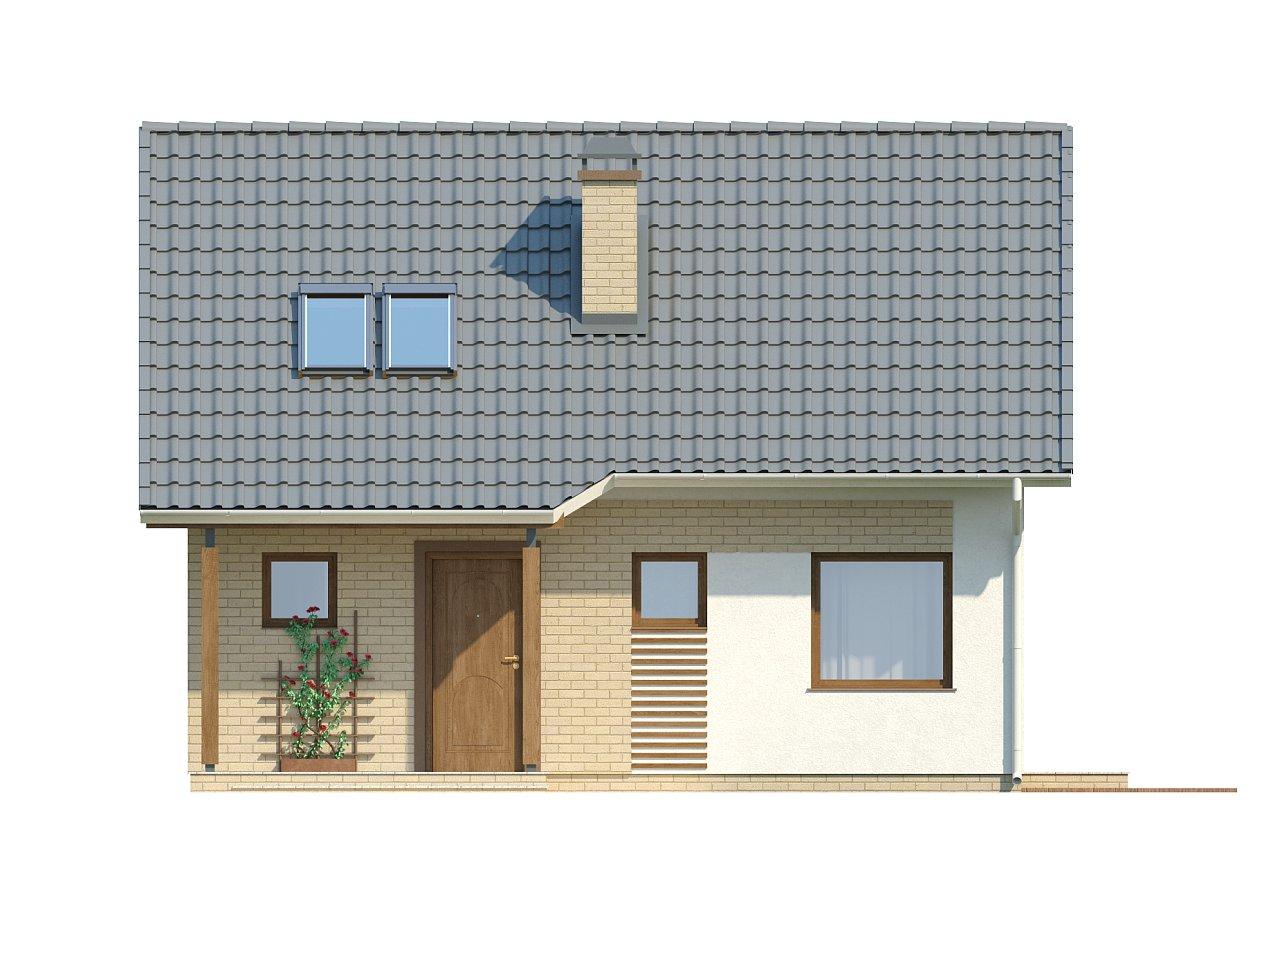 Практичный функциональный дом, недорогой в строительстве и эксплуатации. 13